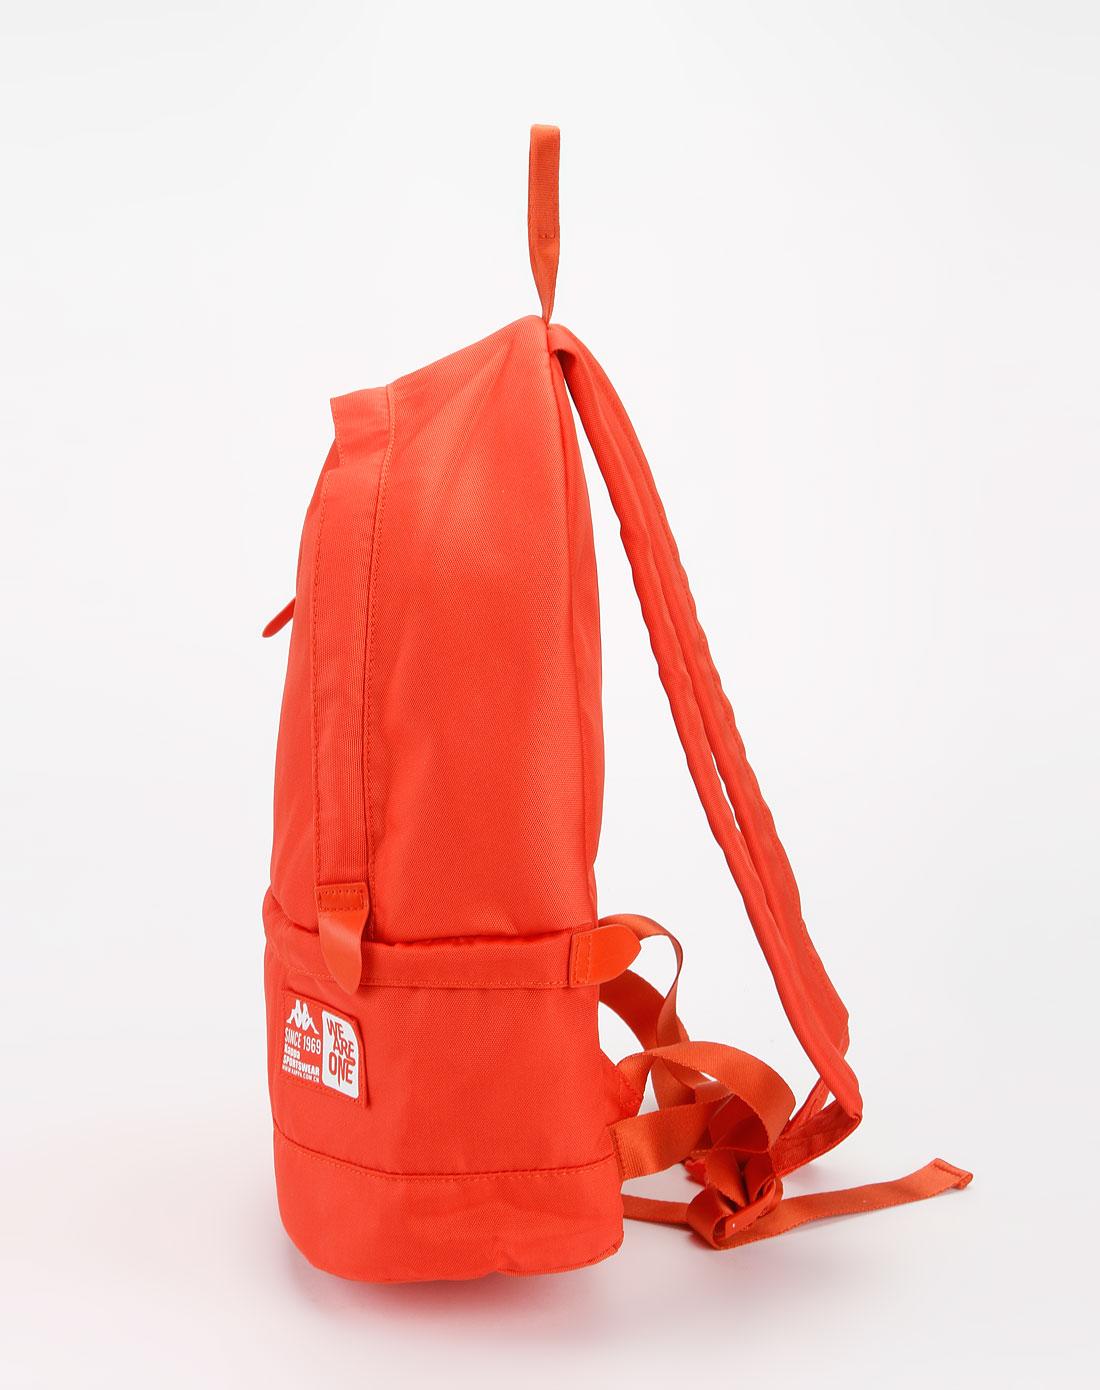 卡帕kappa女装专场-橙色时尚简约双肩包